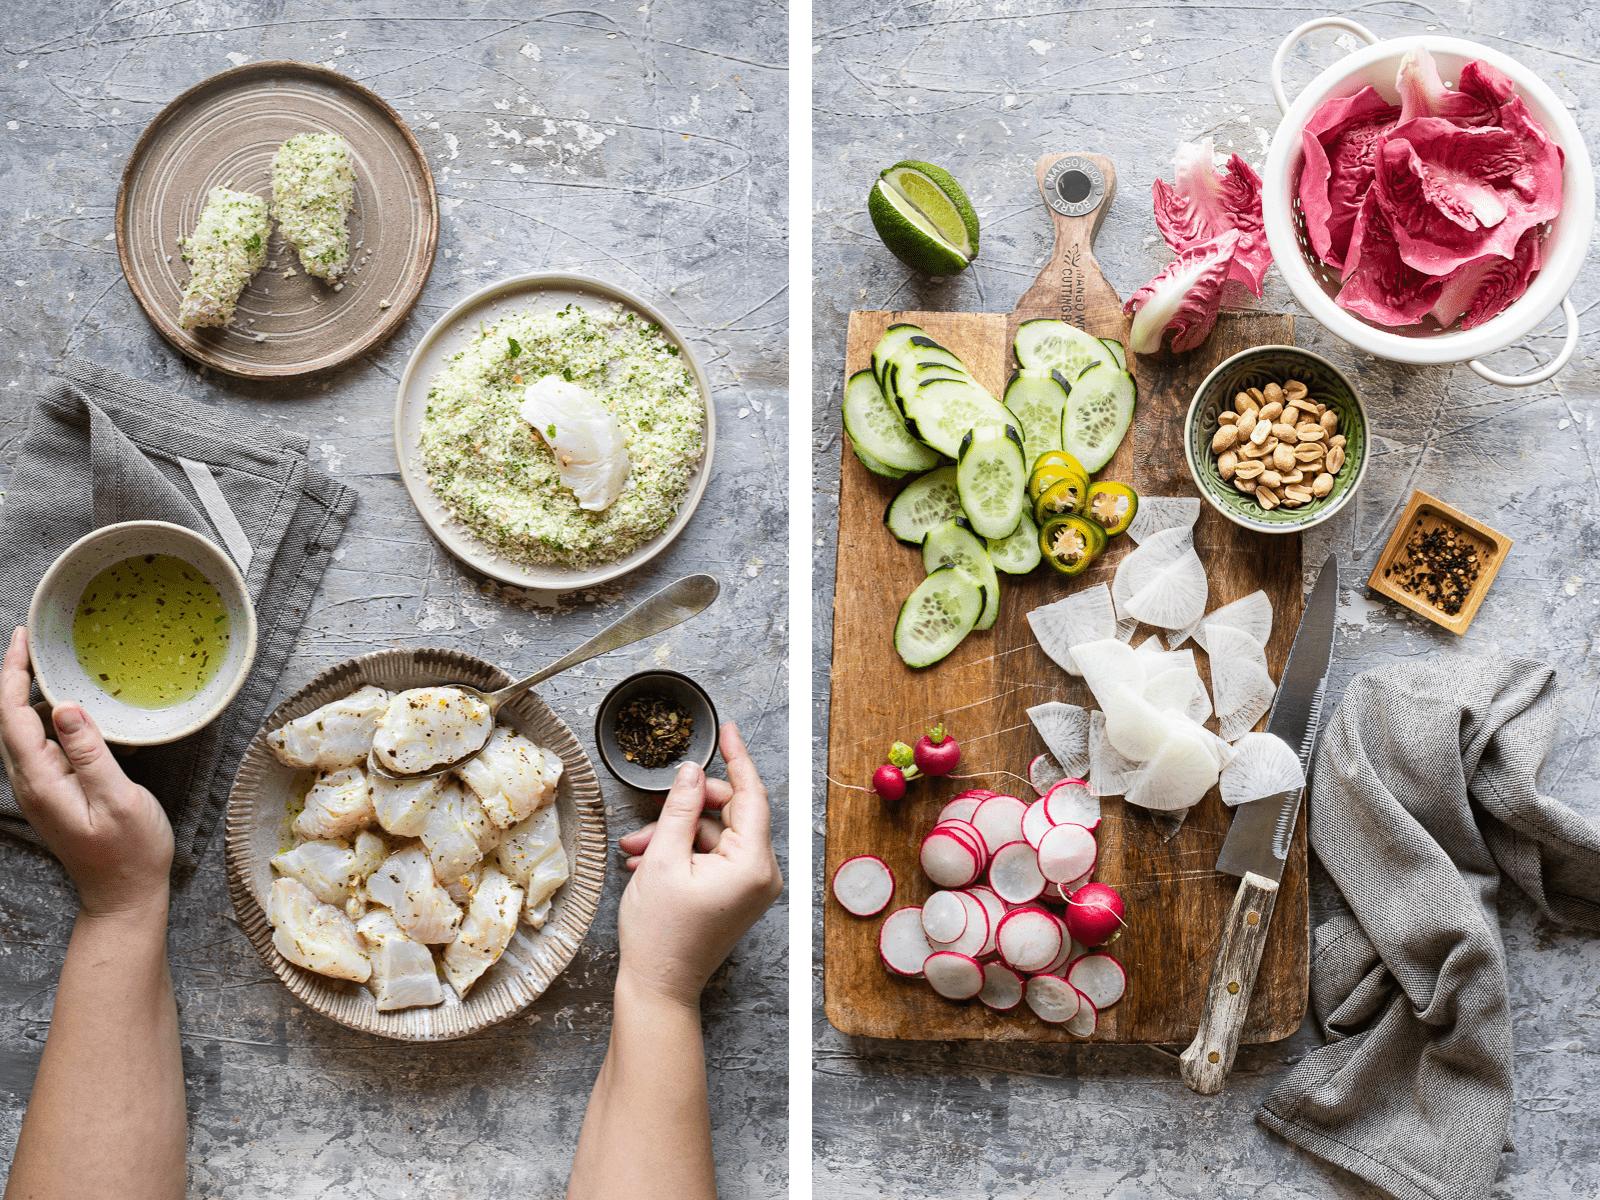 ingredienti per il merluzzo impanato senza grassi e l'insalata di radicchio e ravanelli